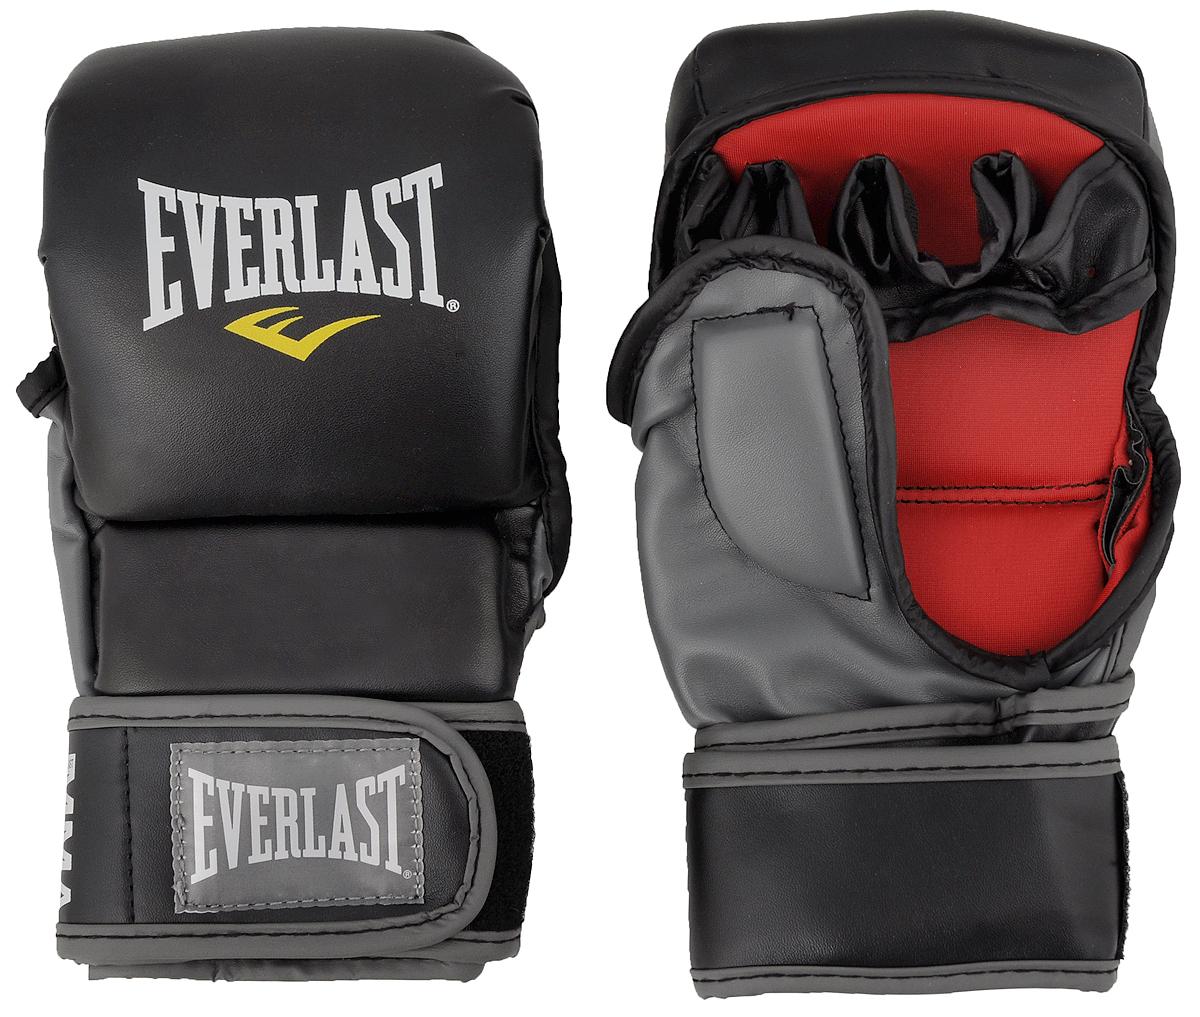 цена на Перчатки тренировочные Everlast MMA Striking. Размер L/XL